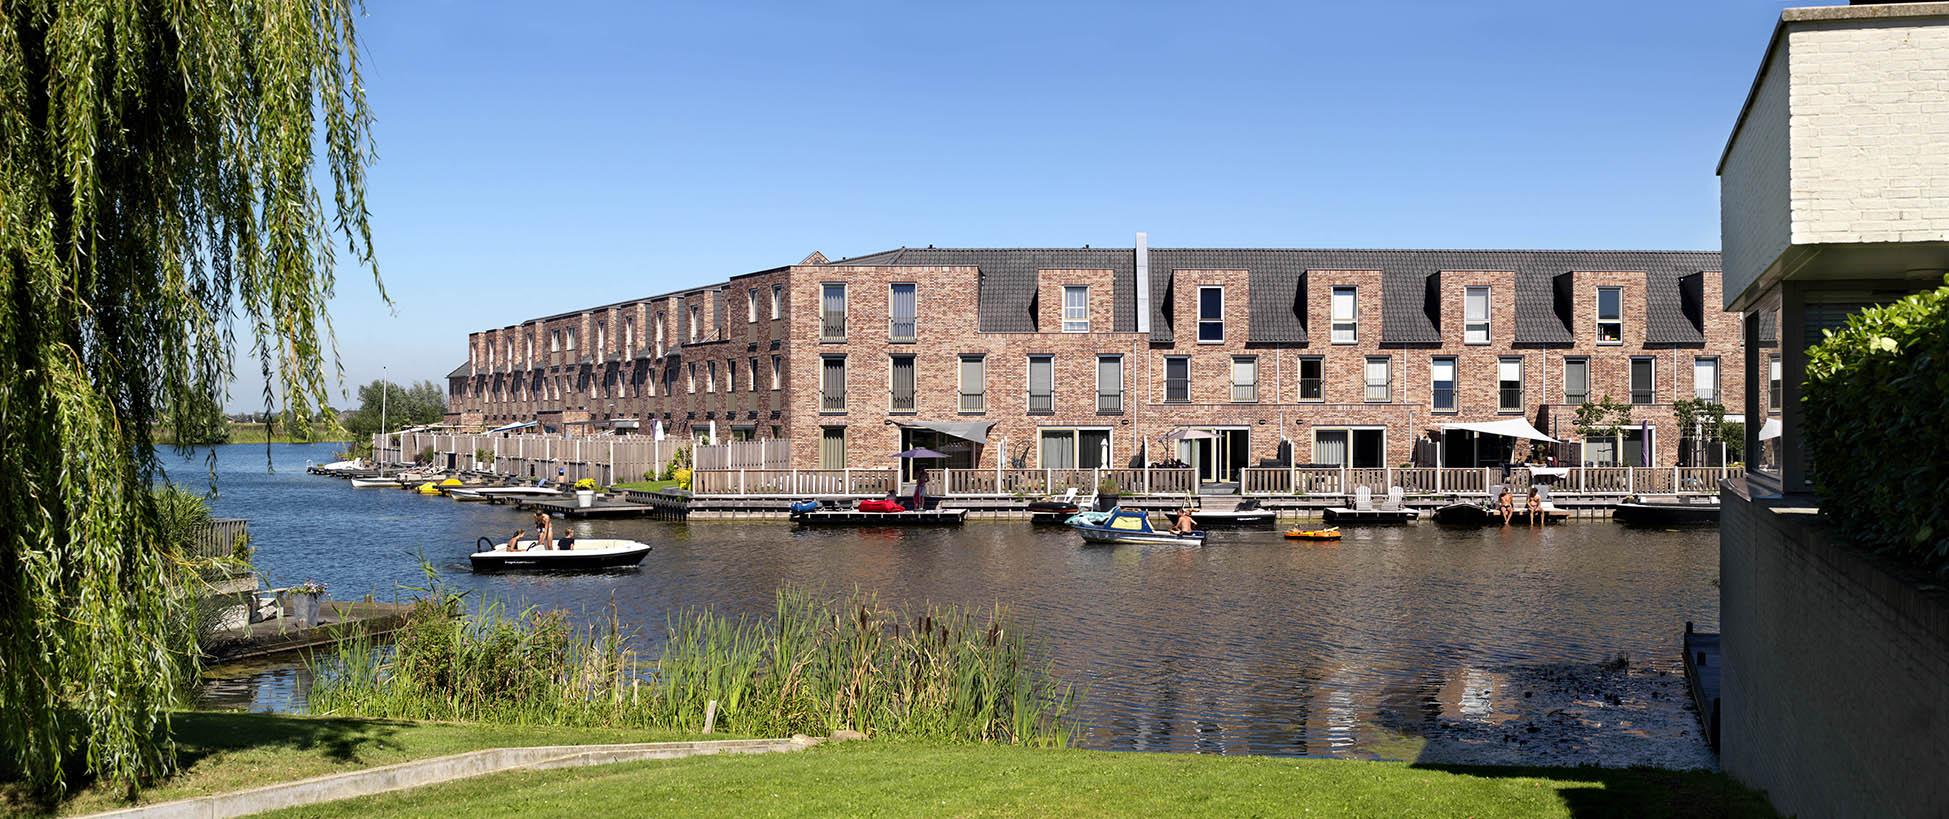 De Vlondertuinen Rosmalen uitzicht wooneiland met boten